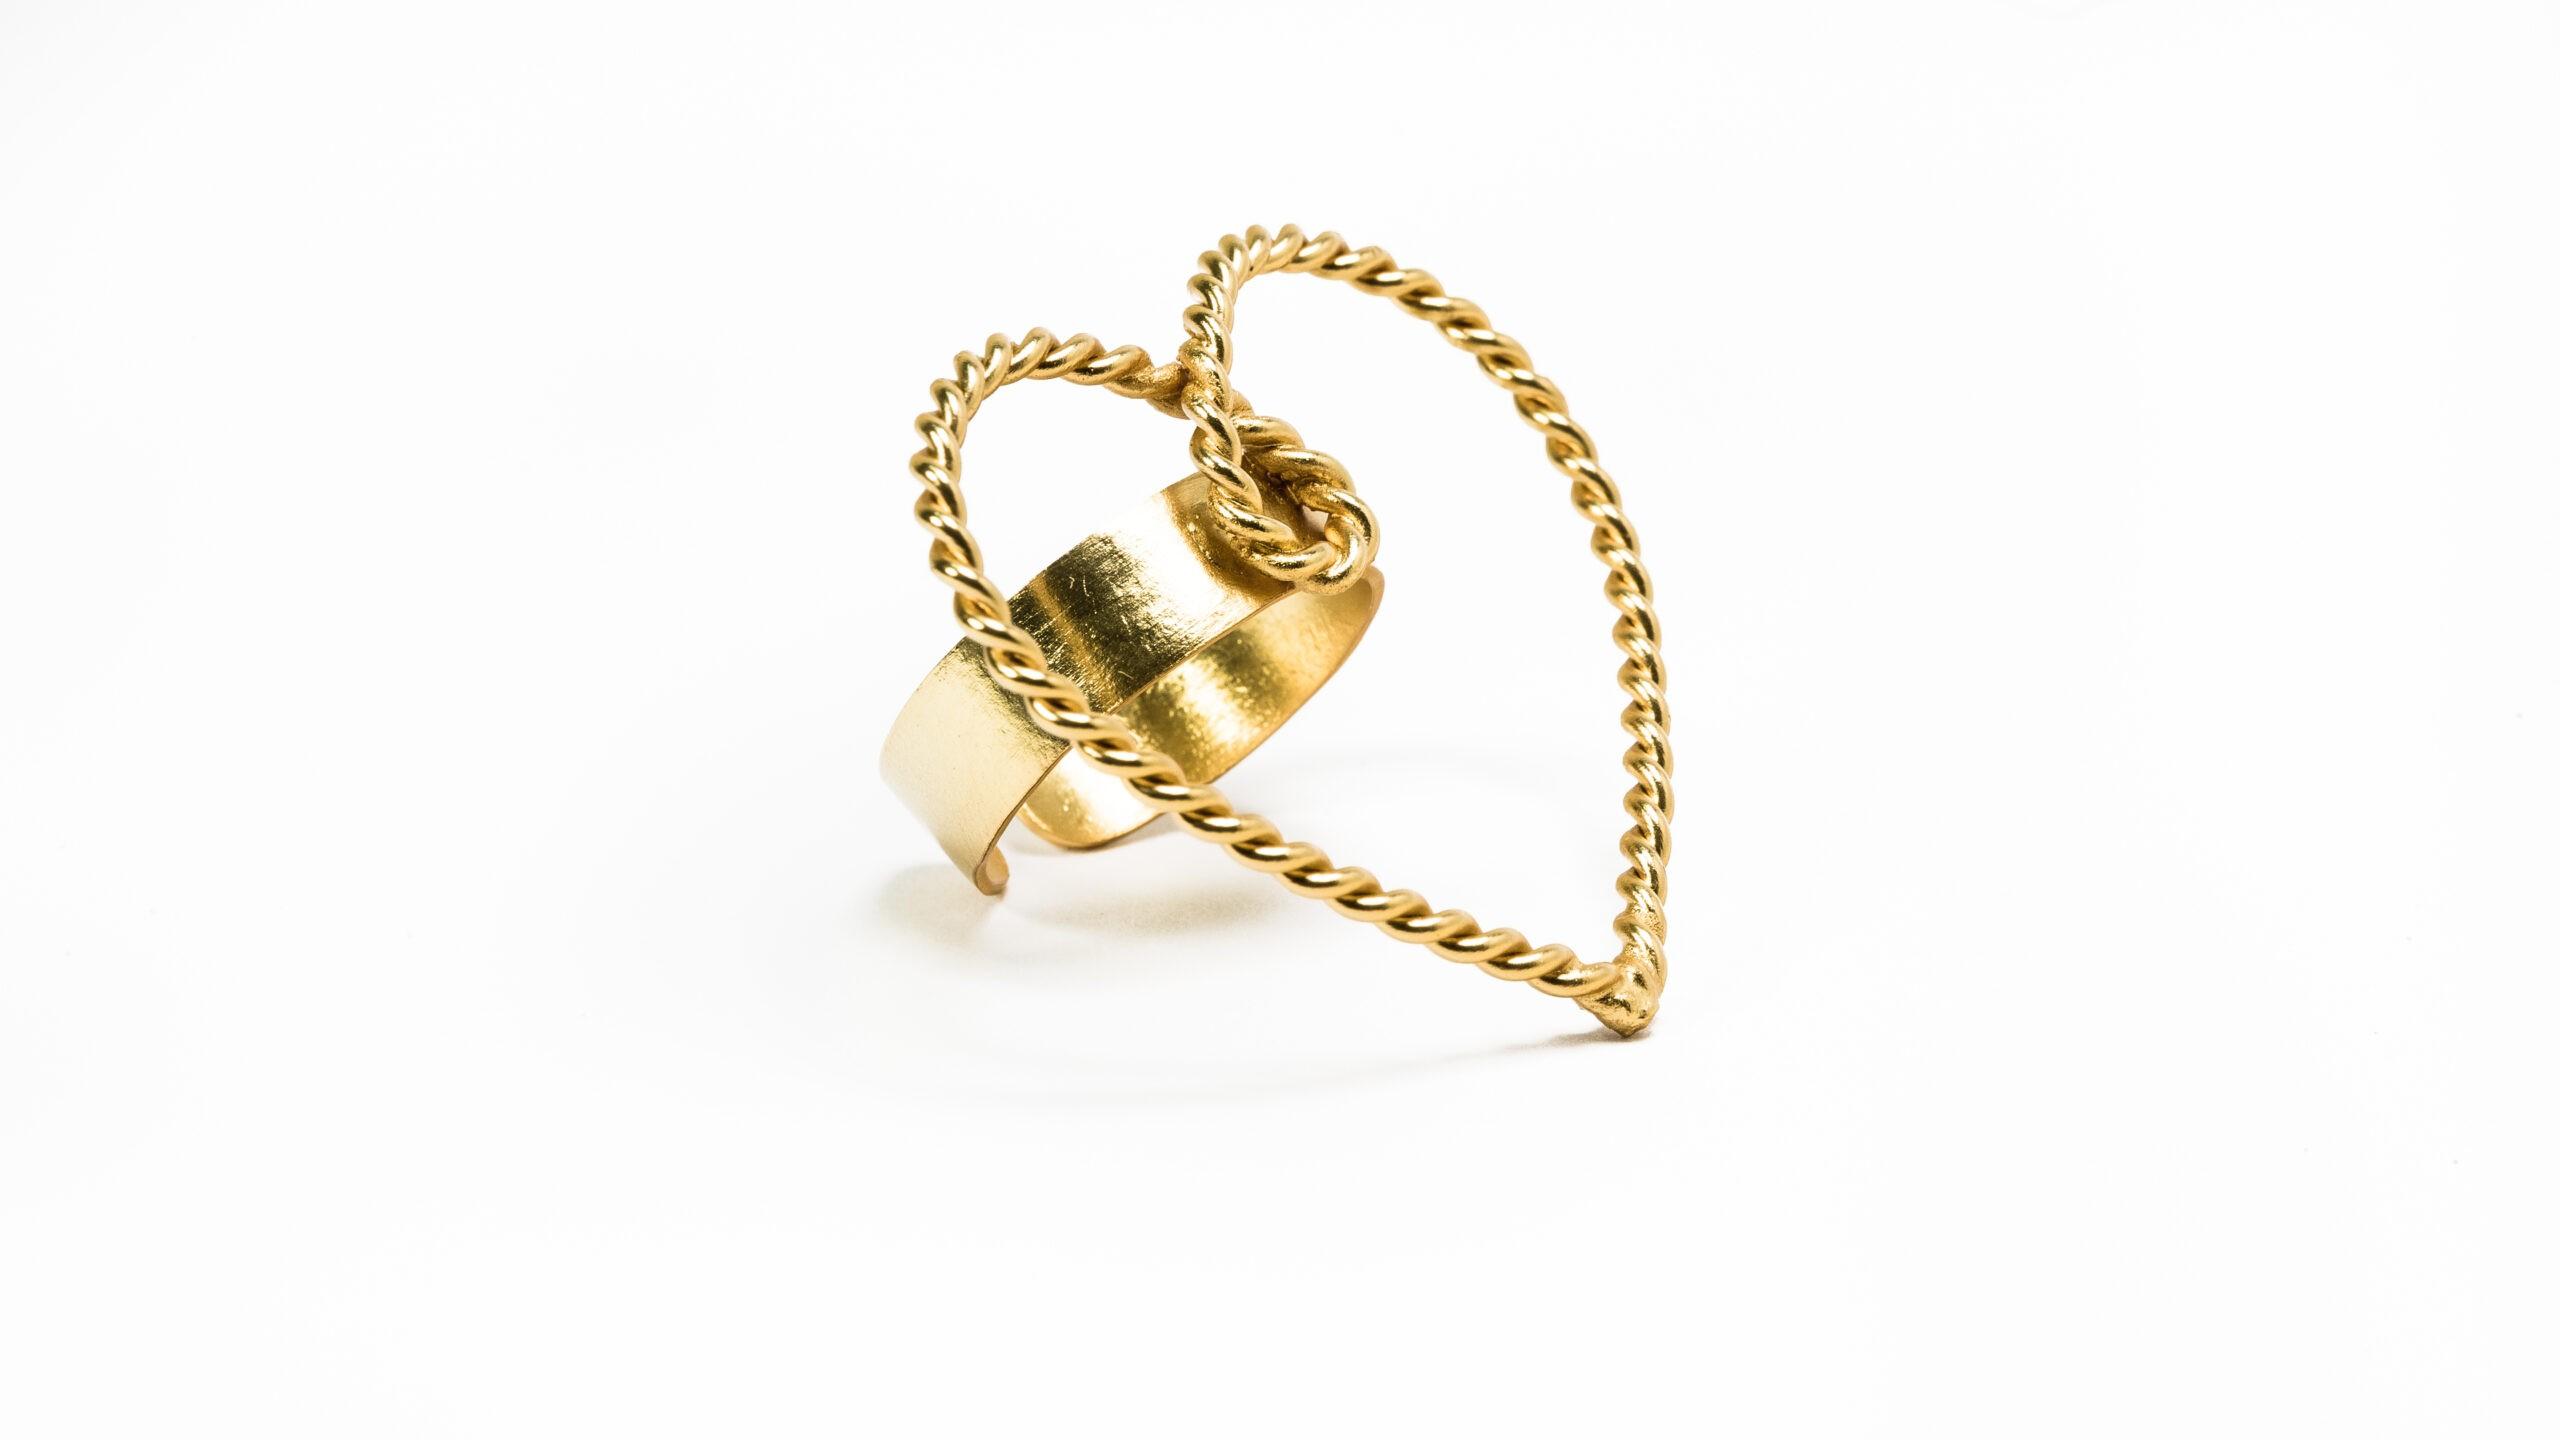 anillo-corazon-mokai-accesorios-atizz (2)